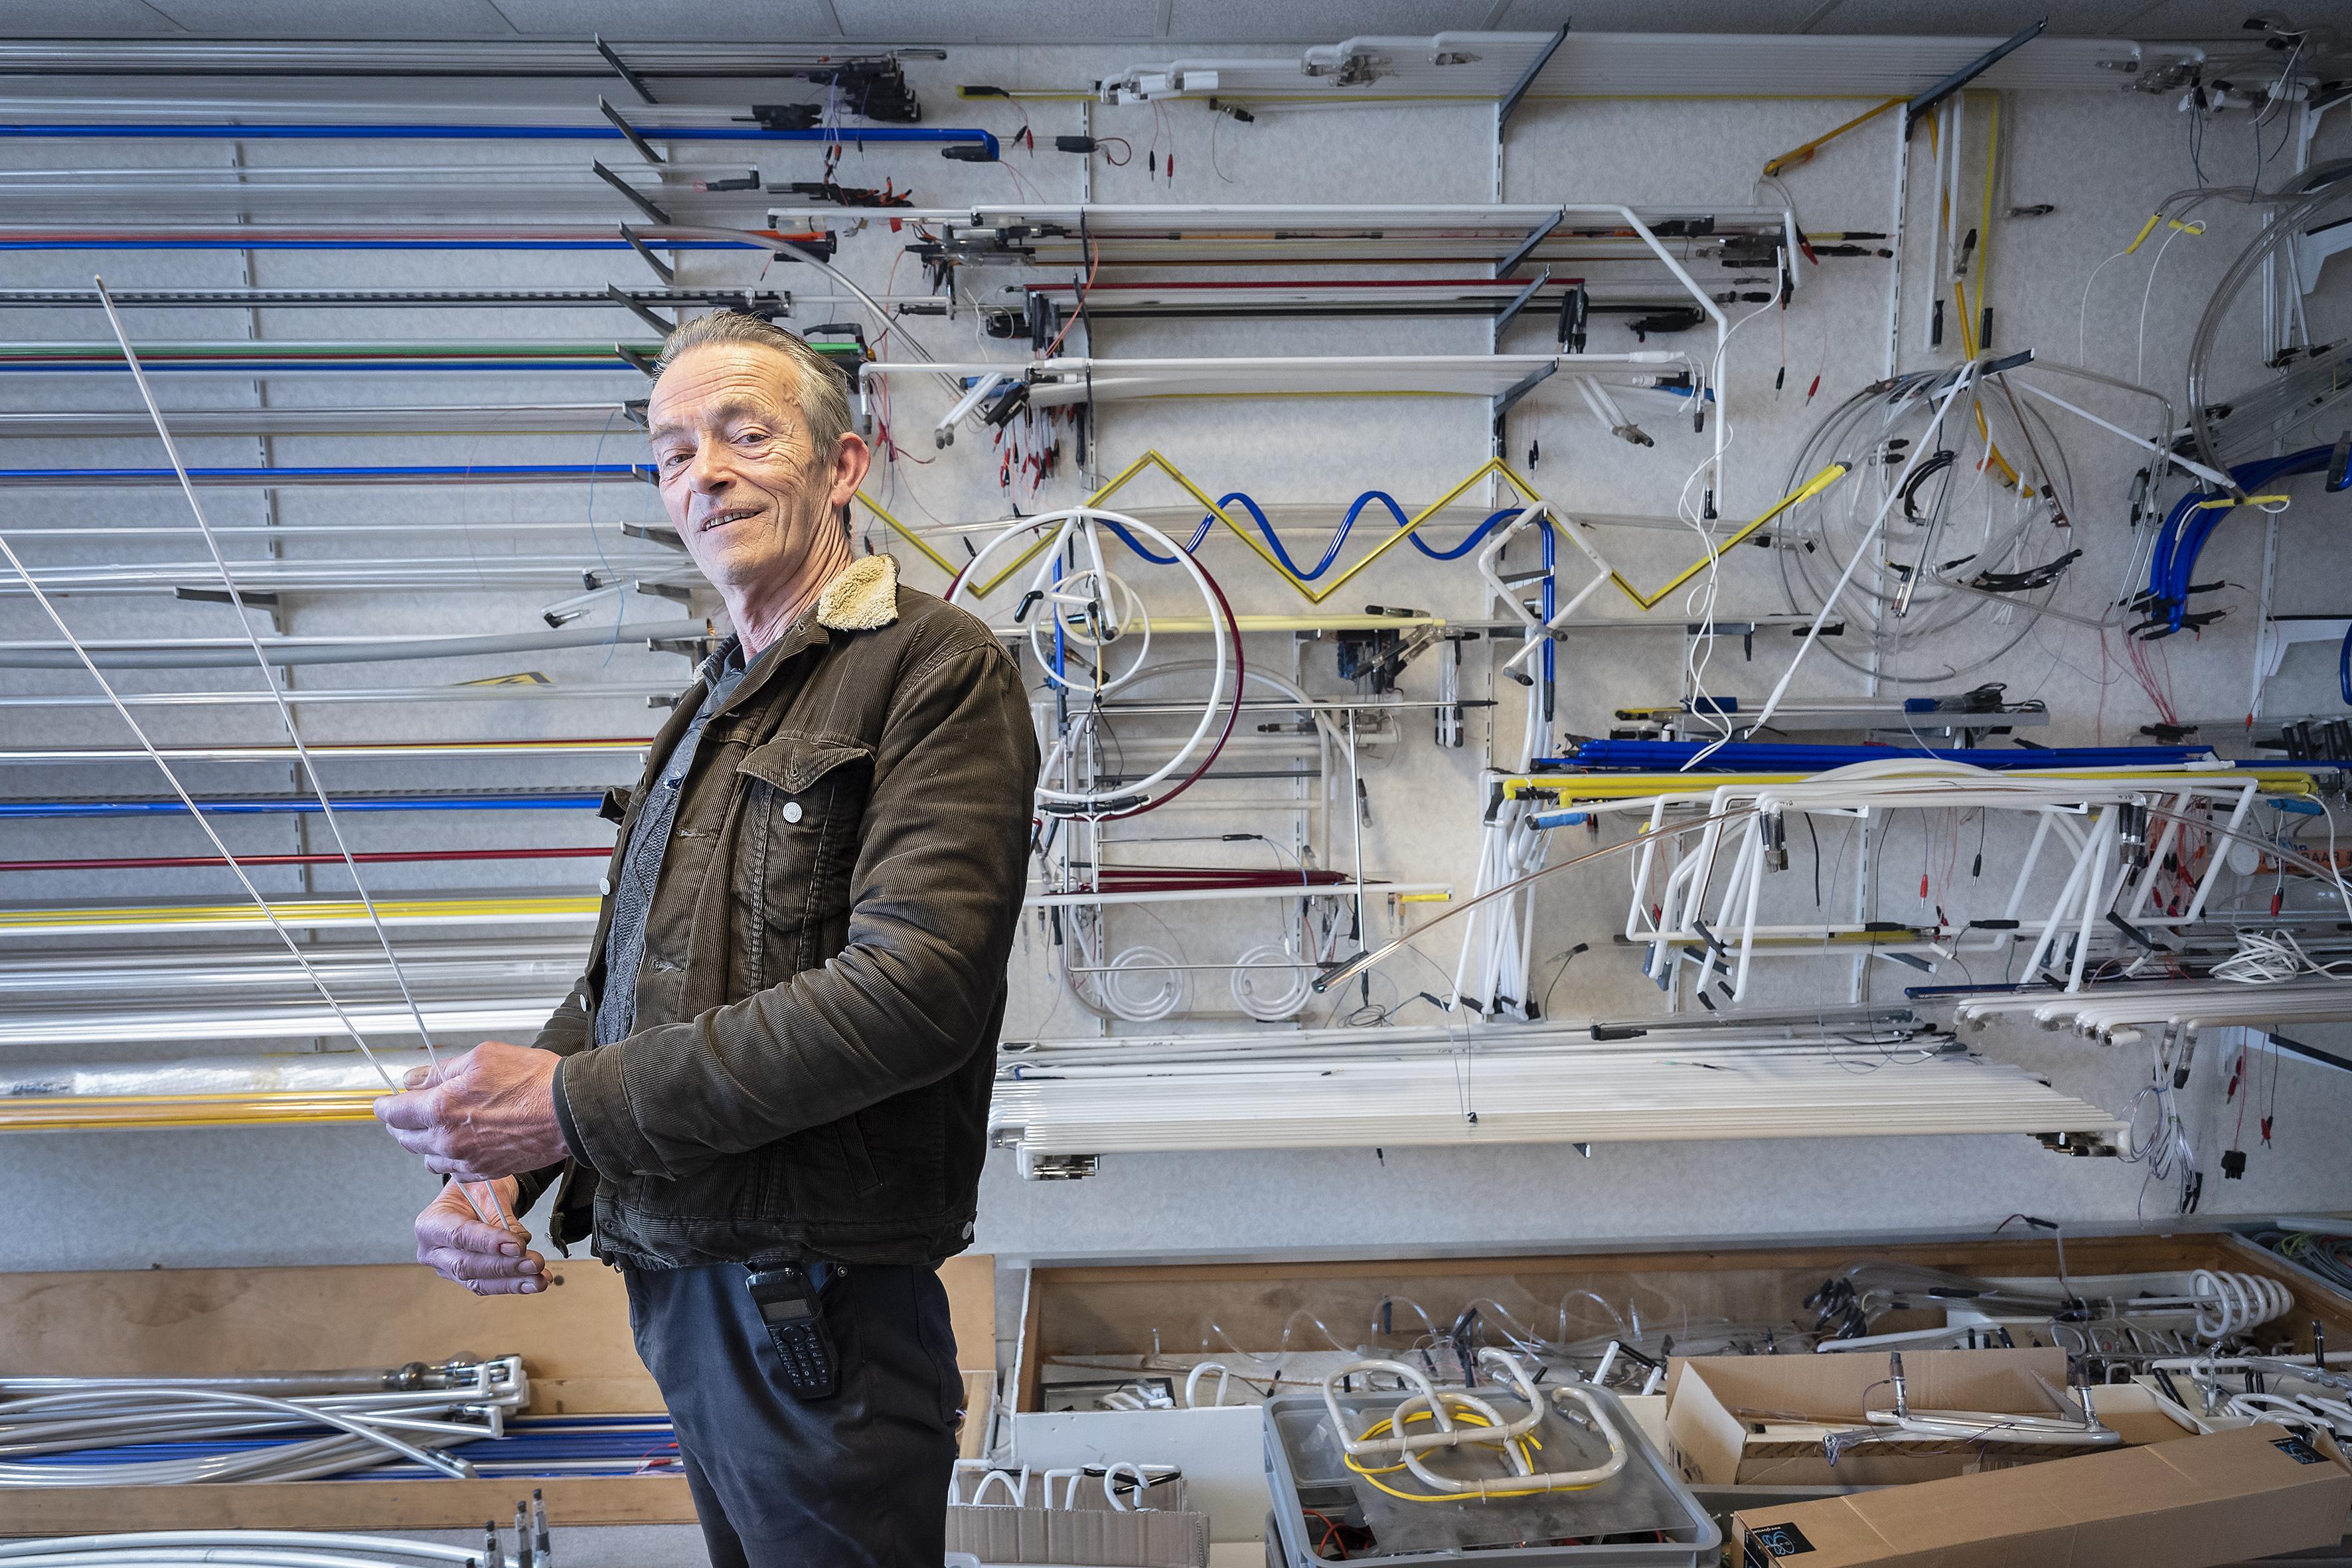 Lichtkunstenaar en maker van bizarre objecten verruilt Velsen-Noord voor Haarlem. 'De hele wereld is eigenlijk één grote Meccanodoos'